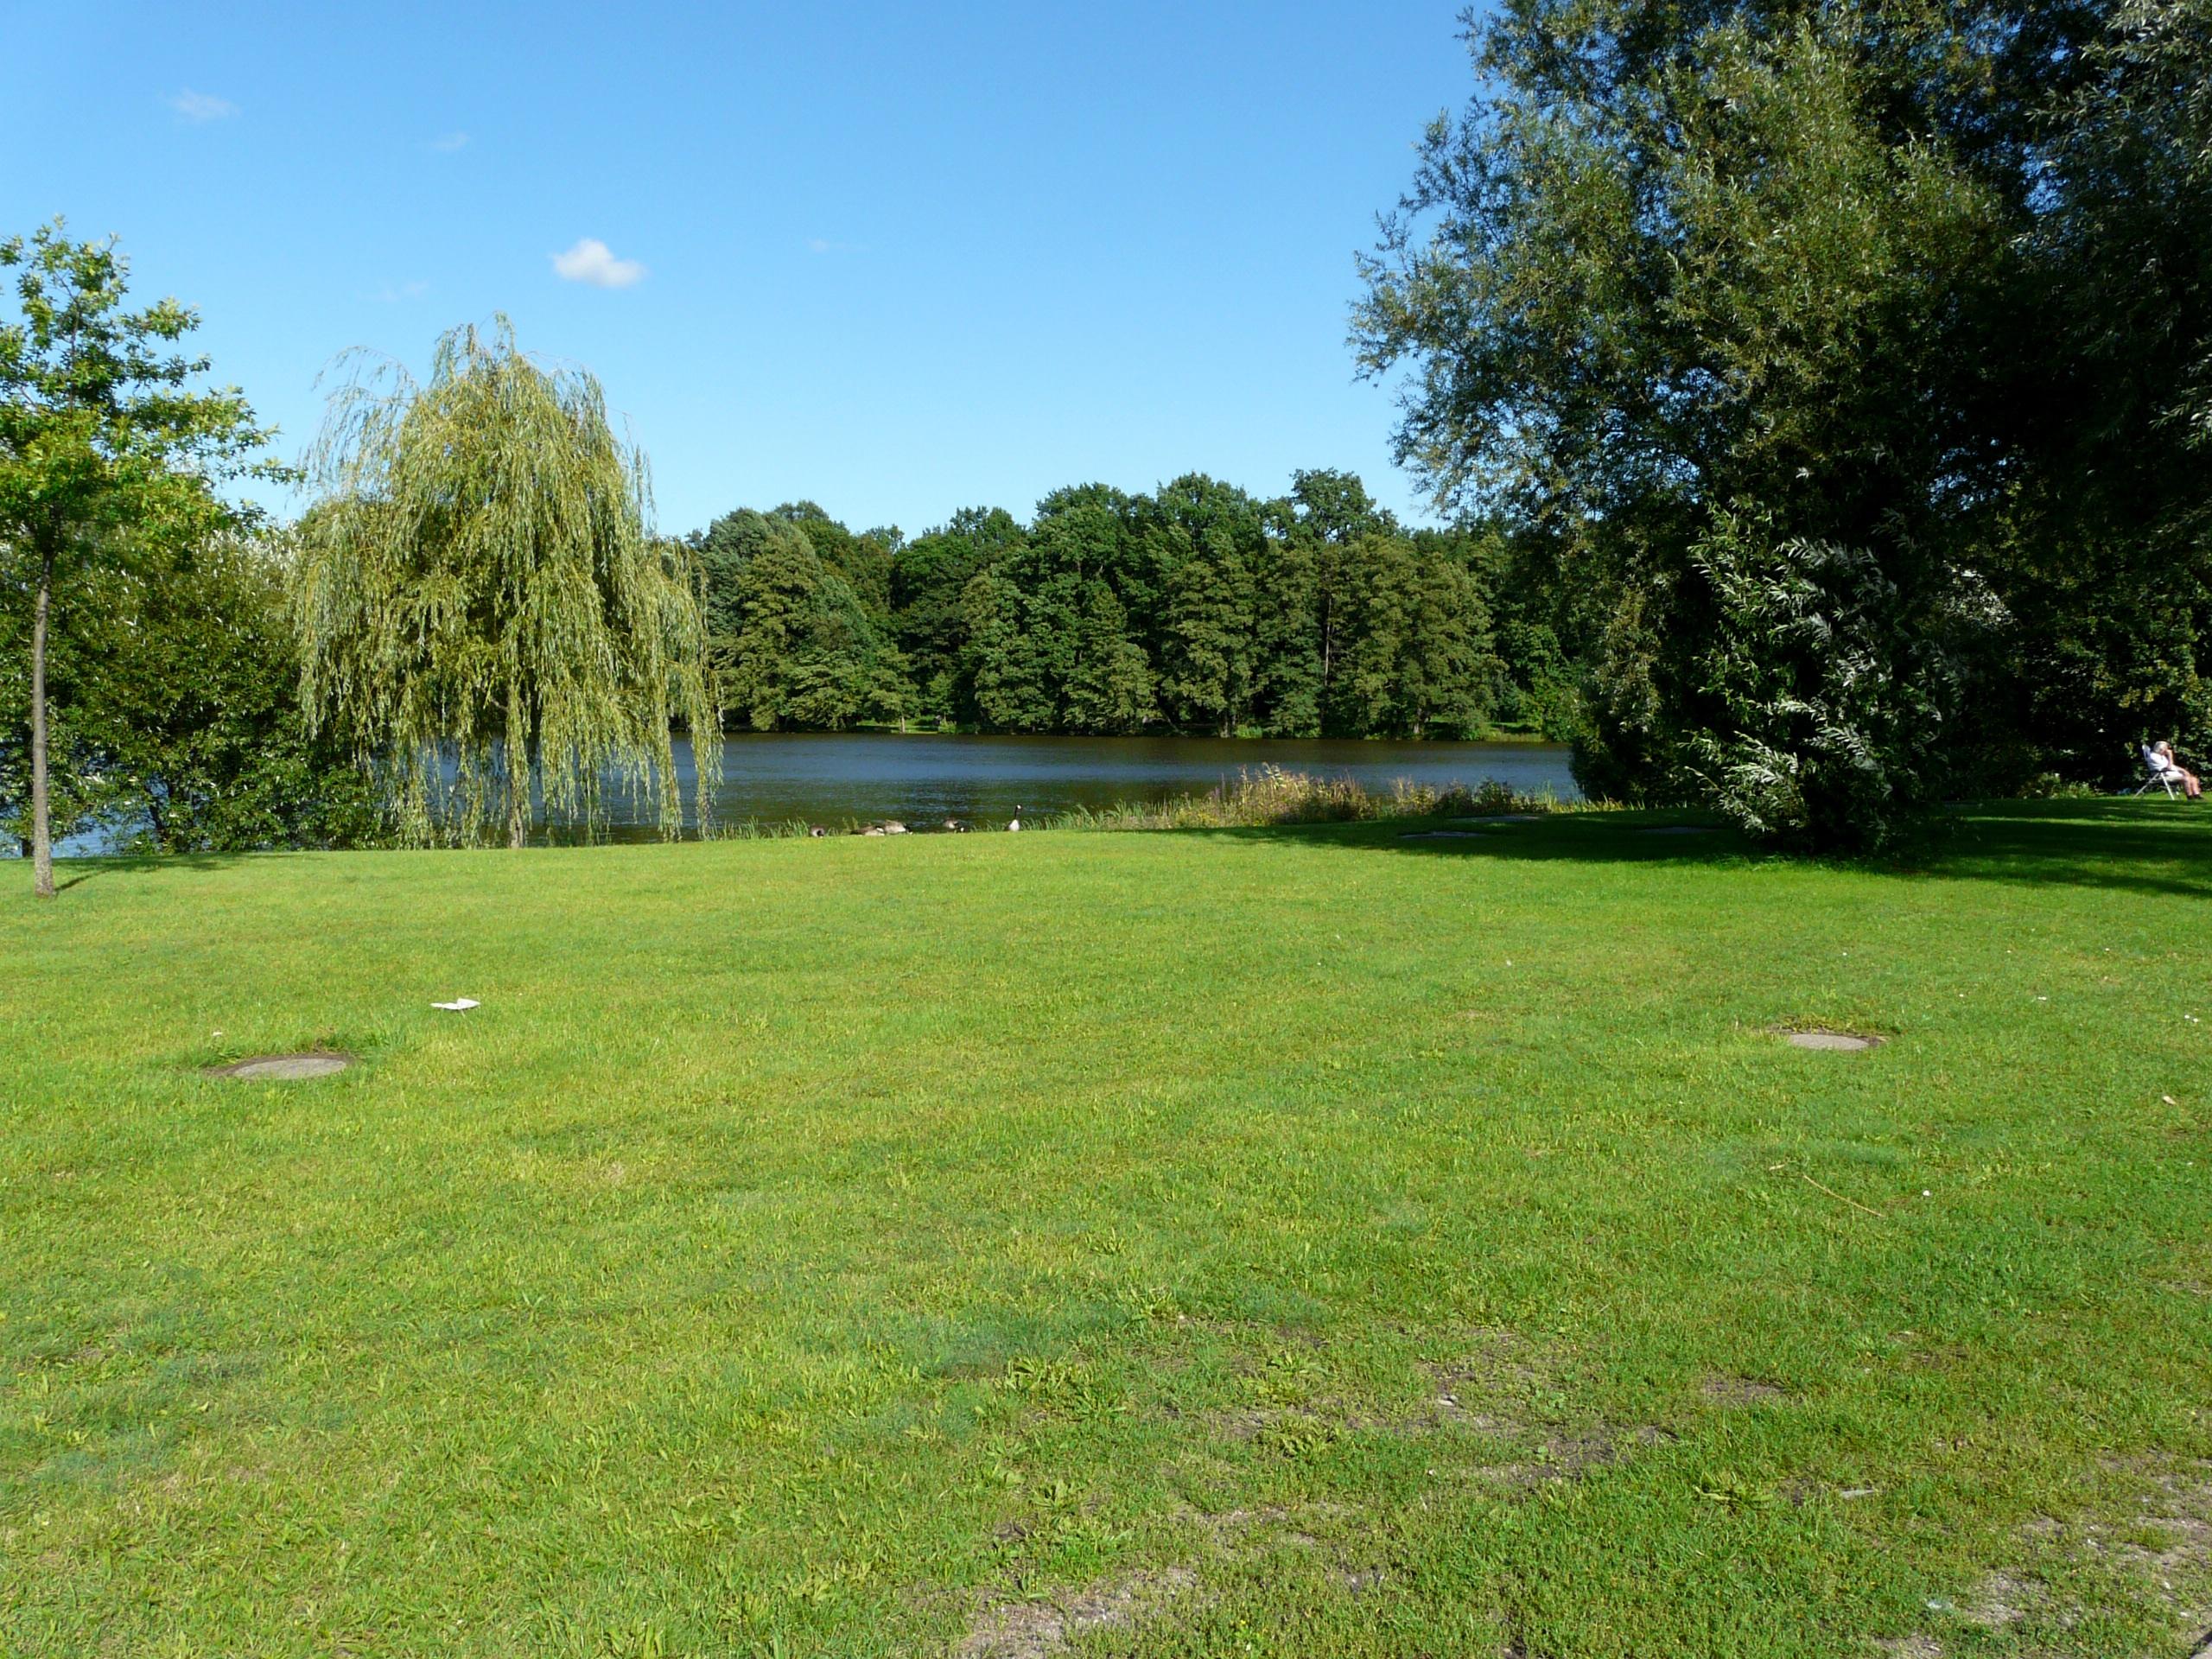 landschaft baum gras struktur rasen wiese see teich weide park hinterhof garten golfplatz bume wiese immobilien - Hinterhof Landschaften Bilder